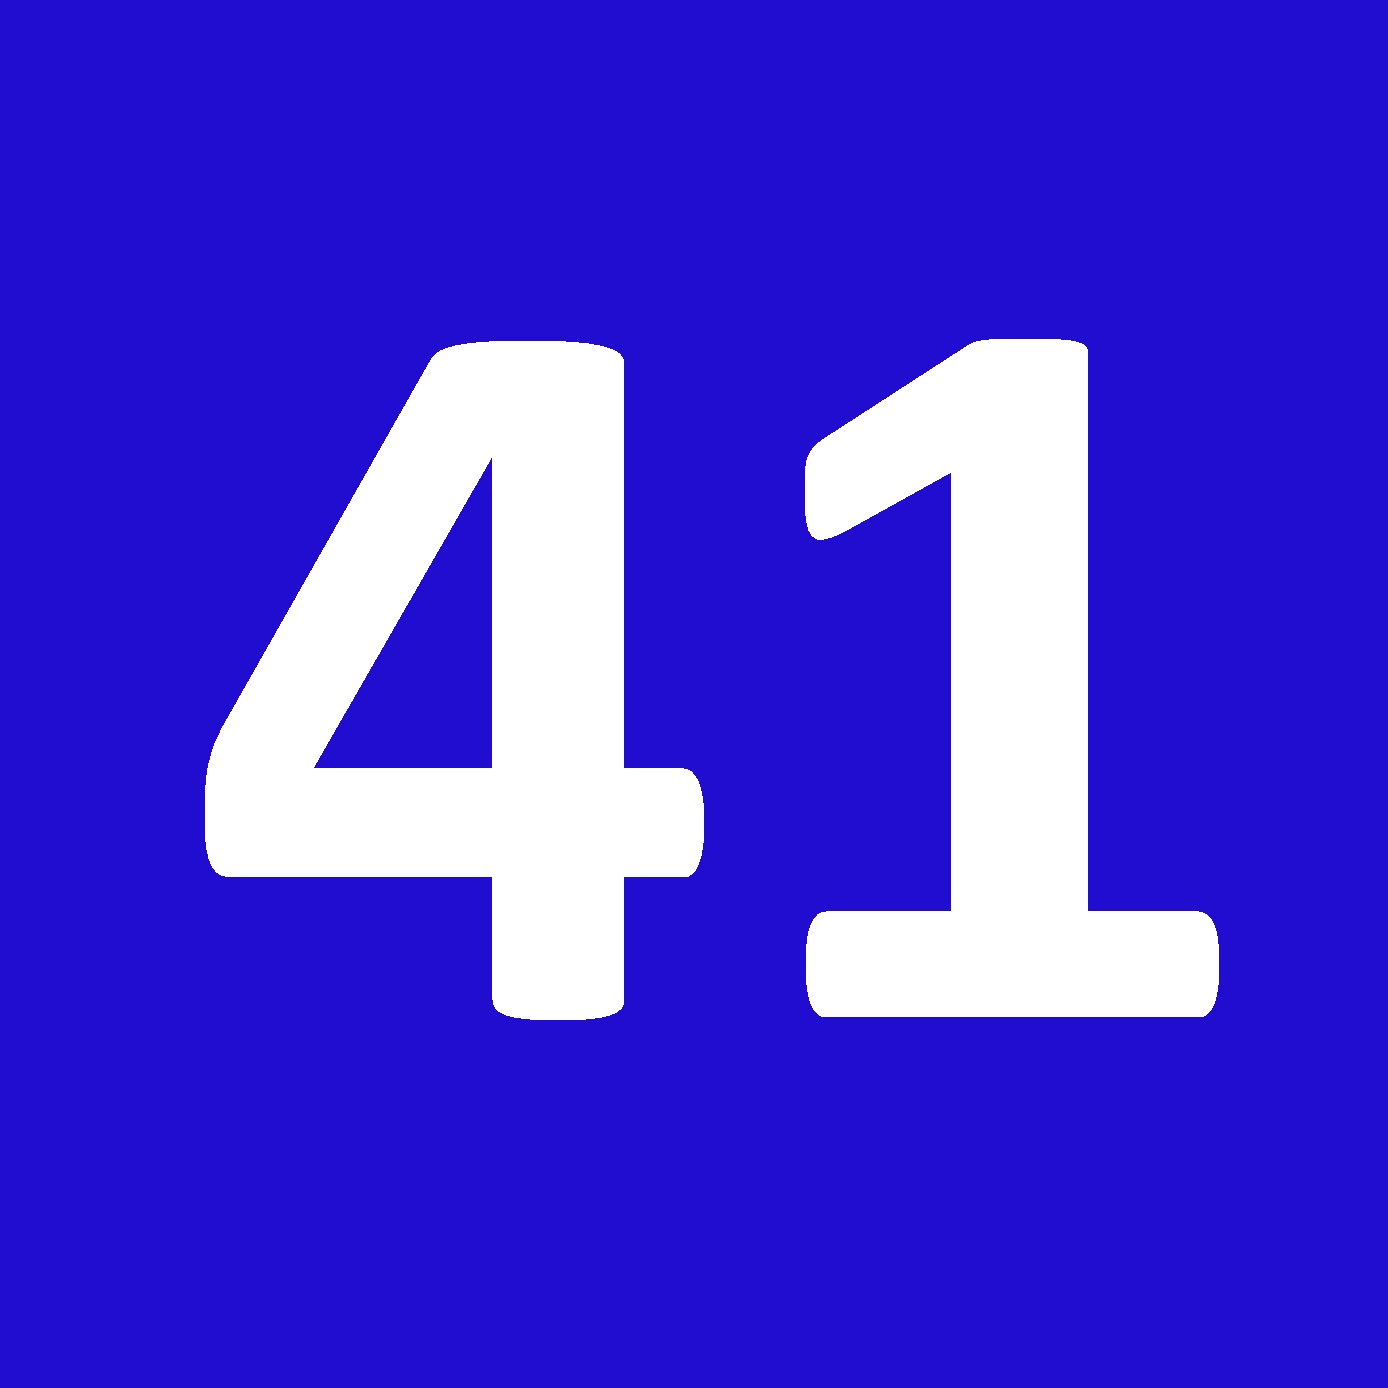 Tamanho 41